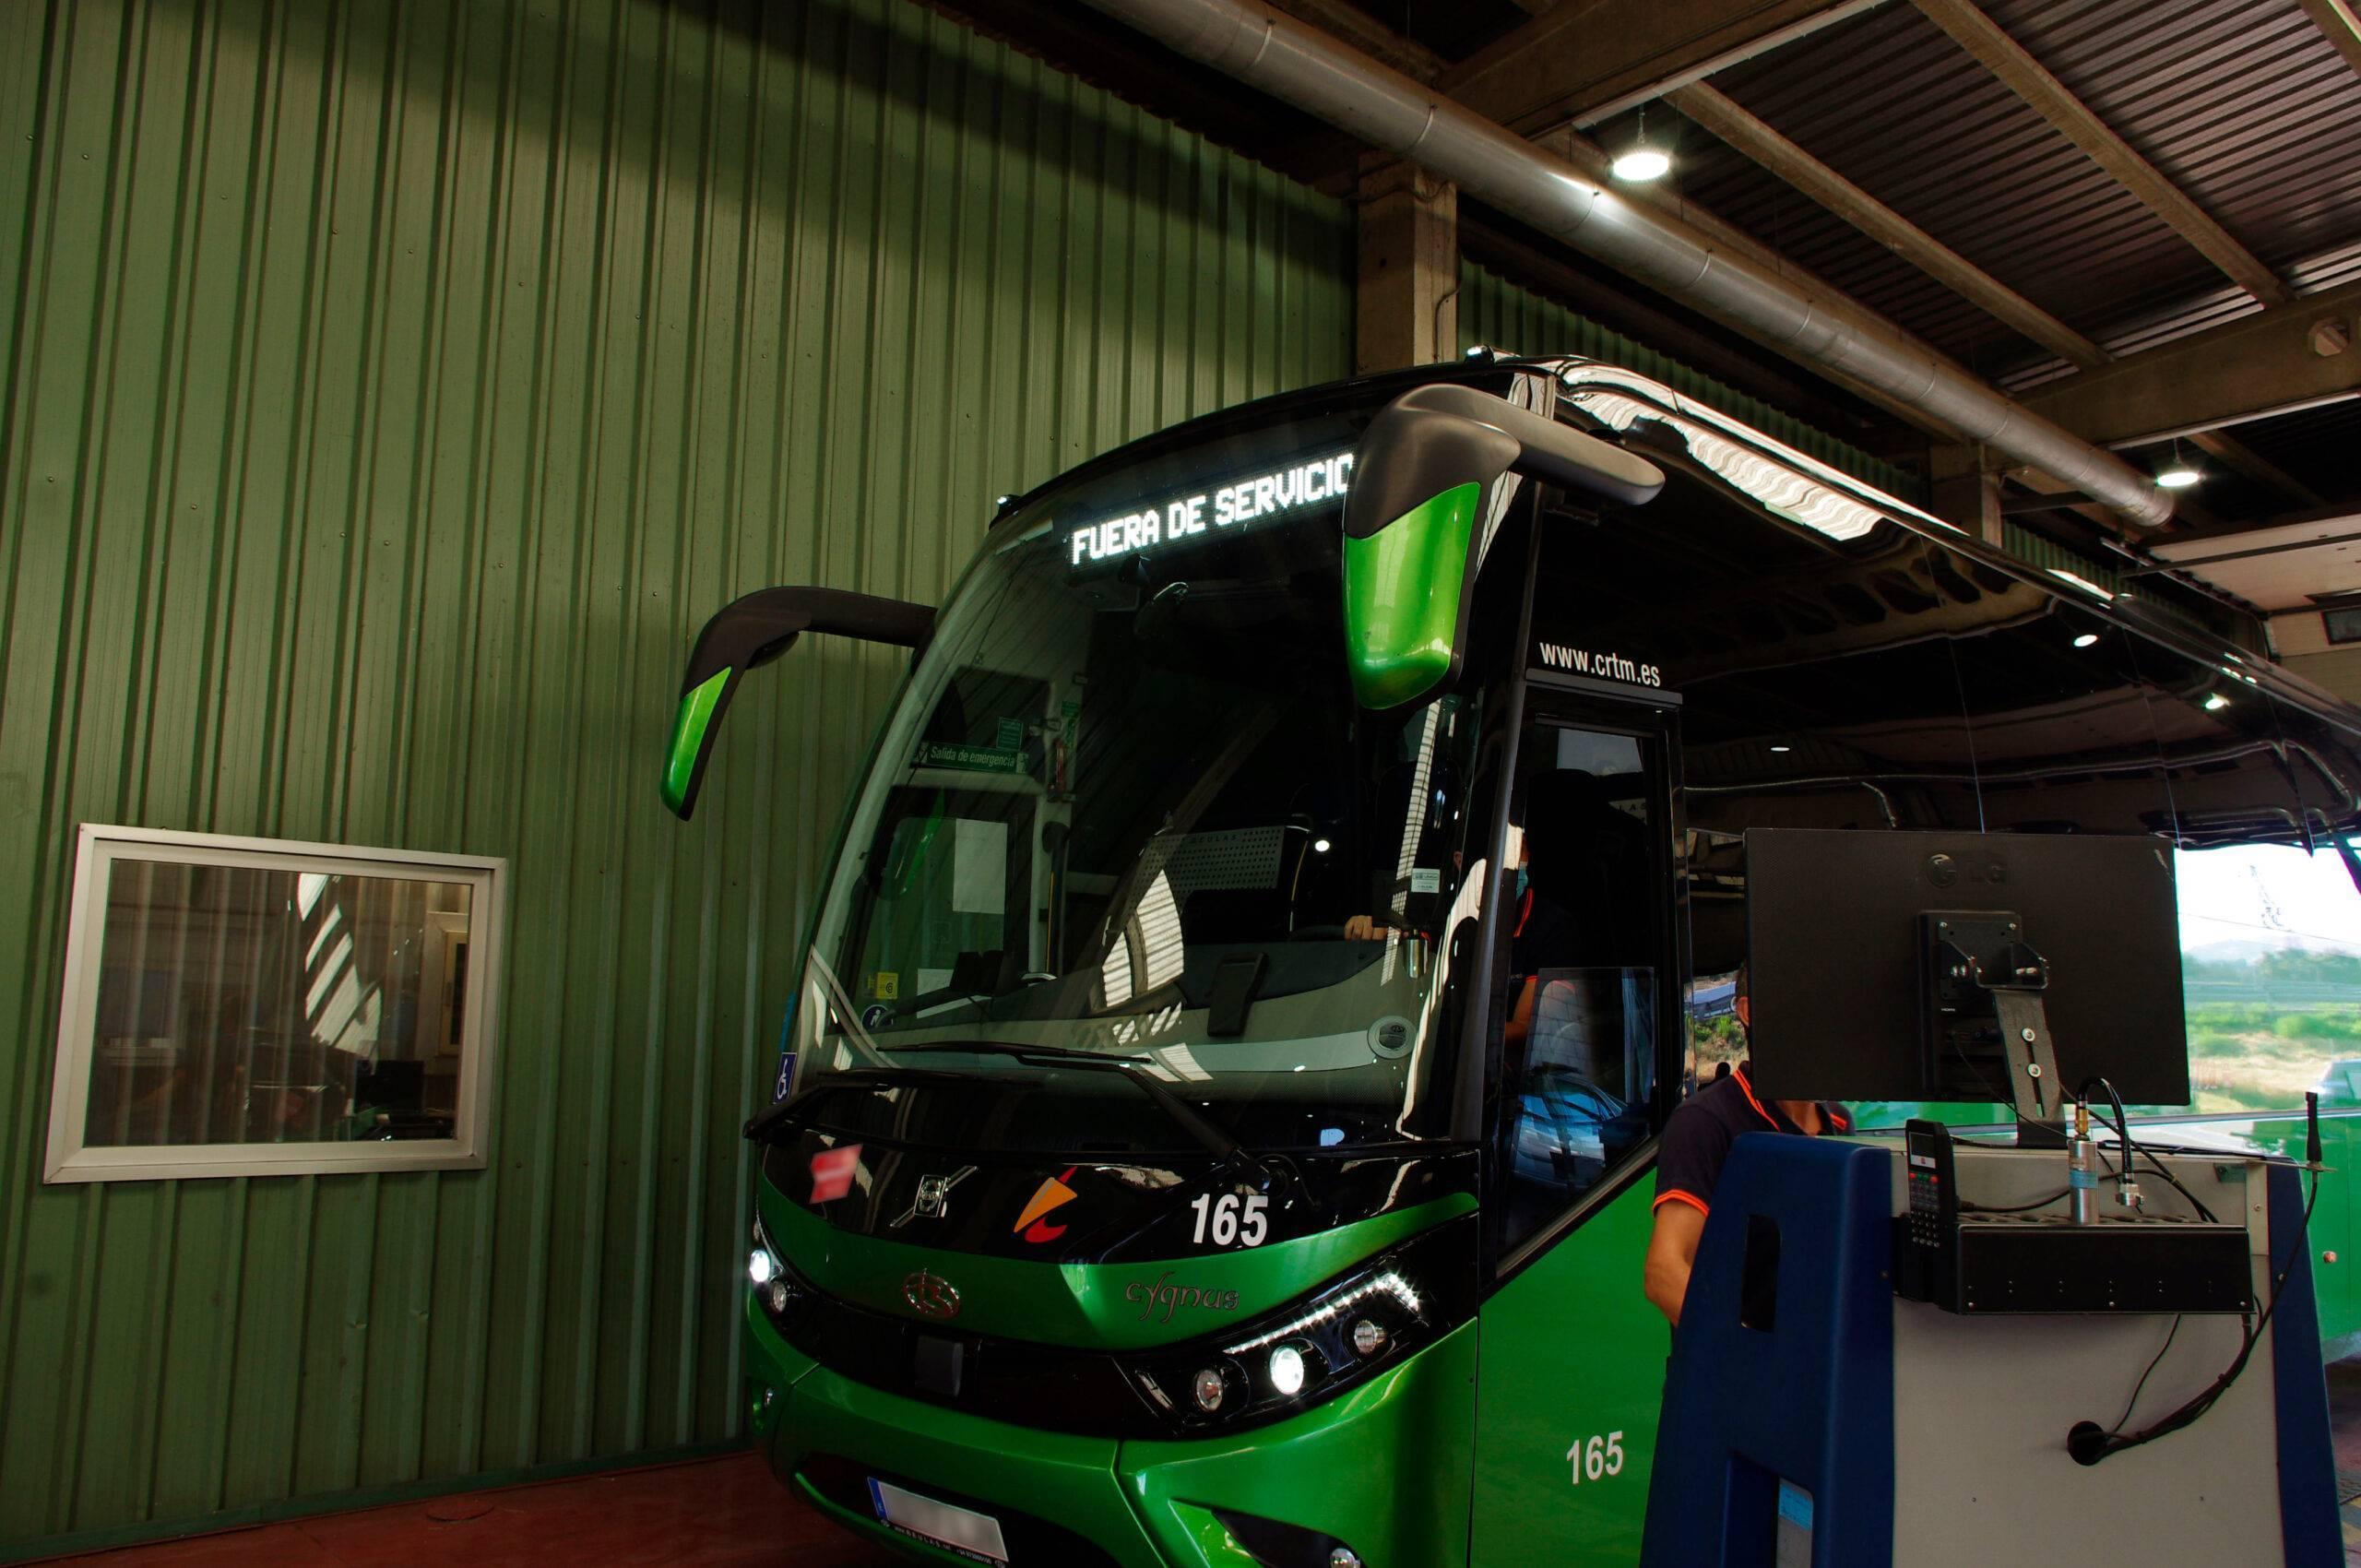 Foto autocar escolar 2 con blur